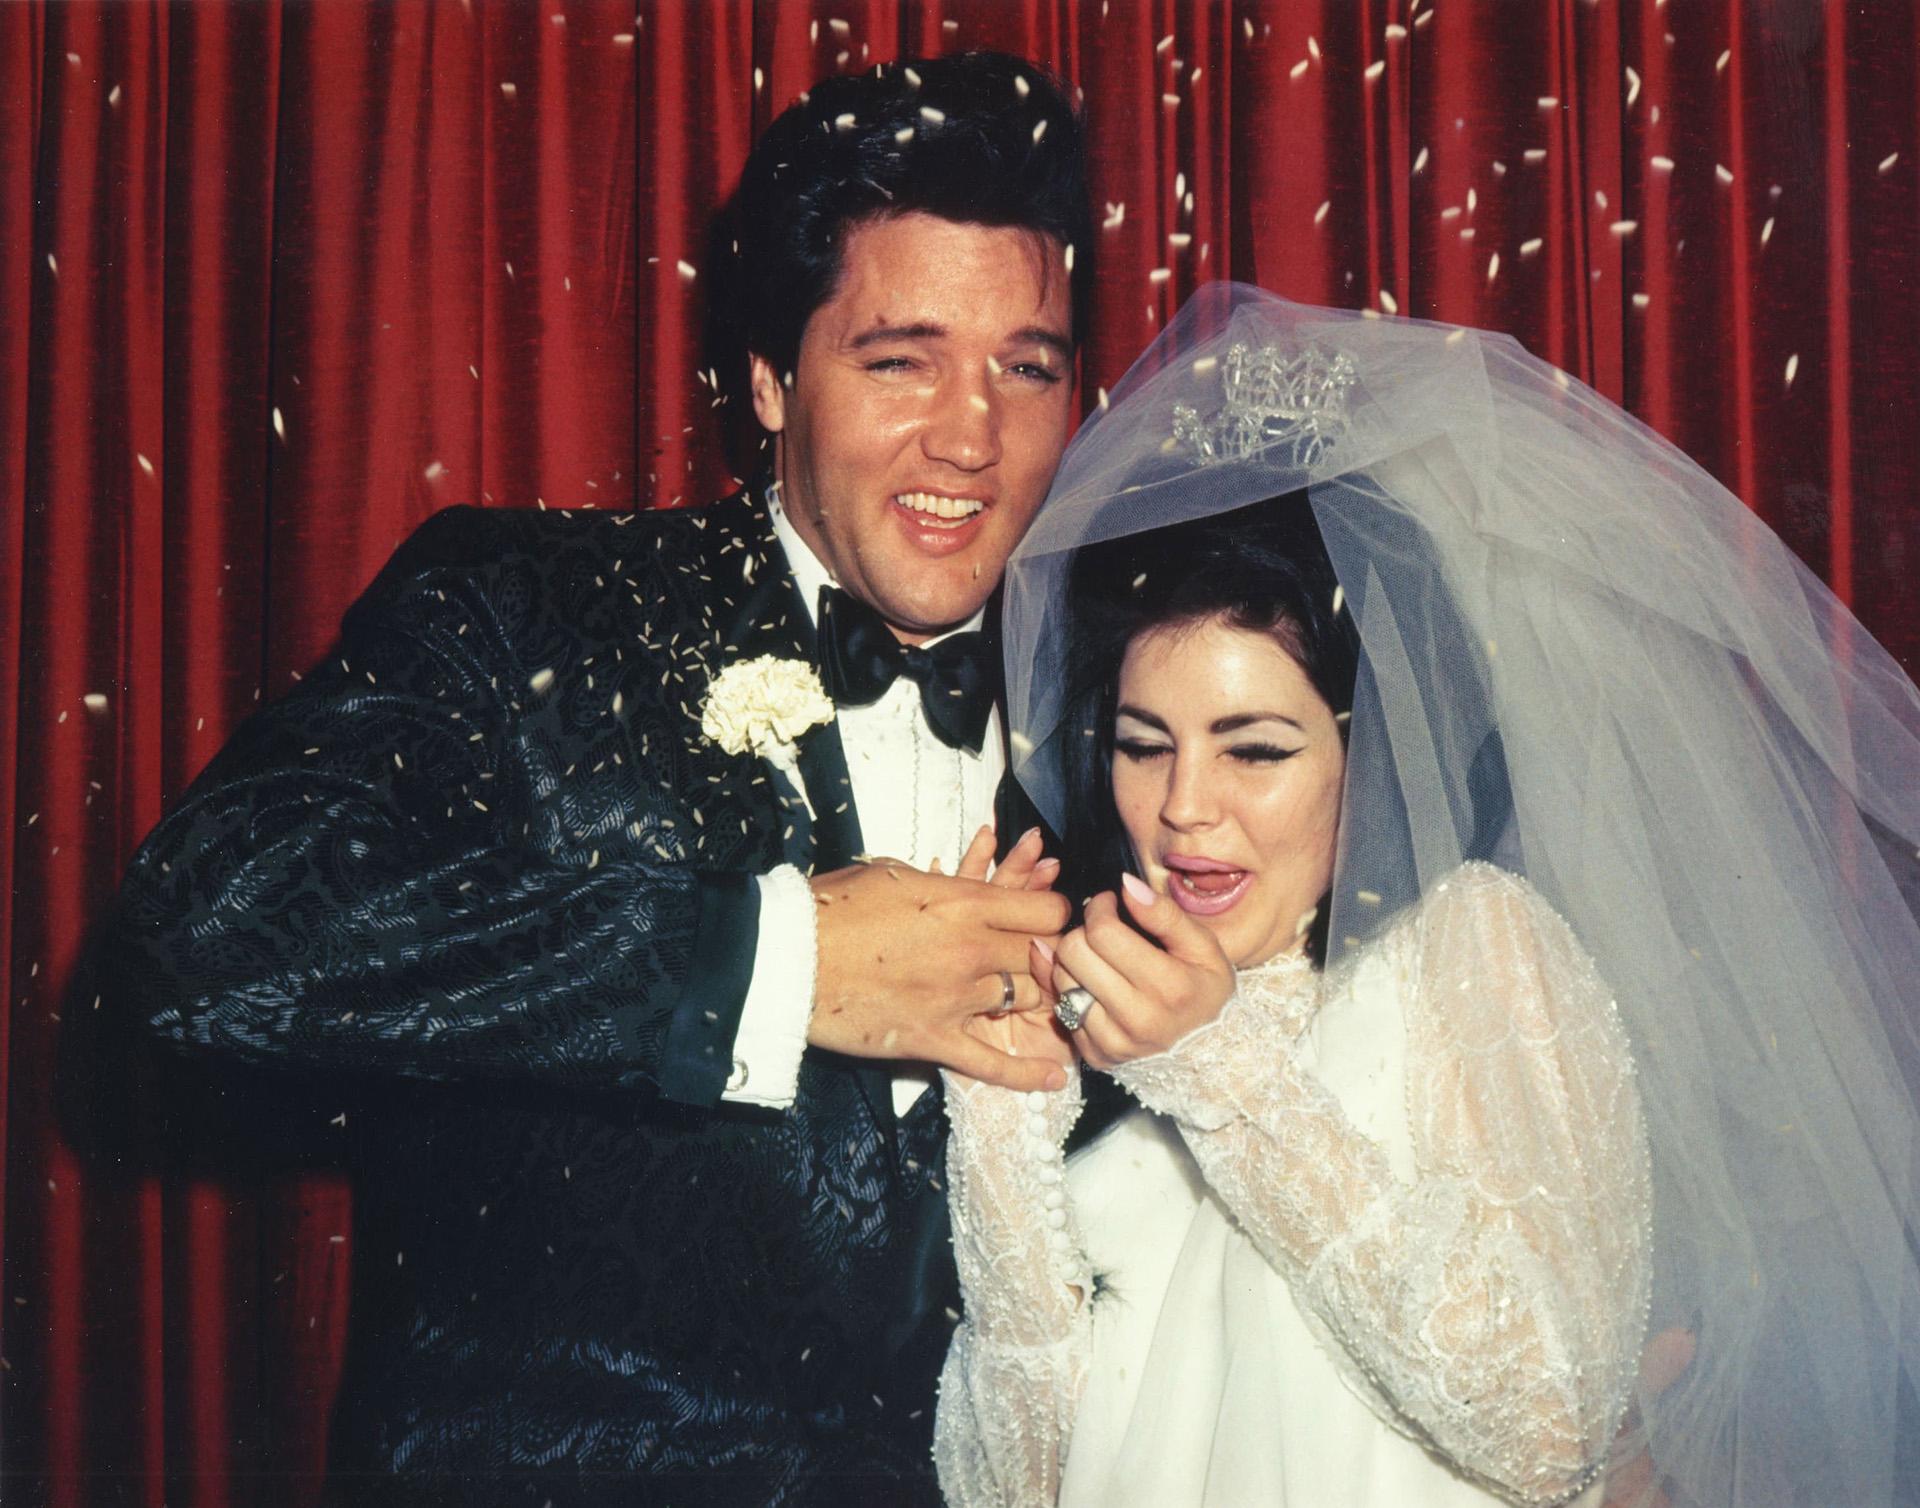 Em 1 de maio de 1967, nos Estados Unidos, Elvis se casou com Priscilla.  O casamento durou apenas 6 anos (Foto de Michael Ochs Archives / Getty Images)